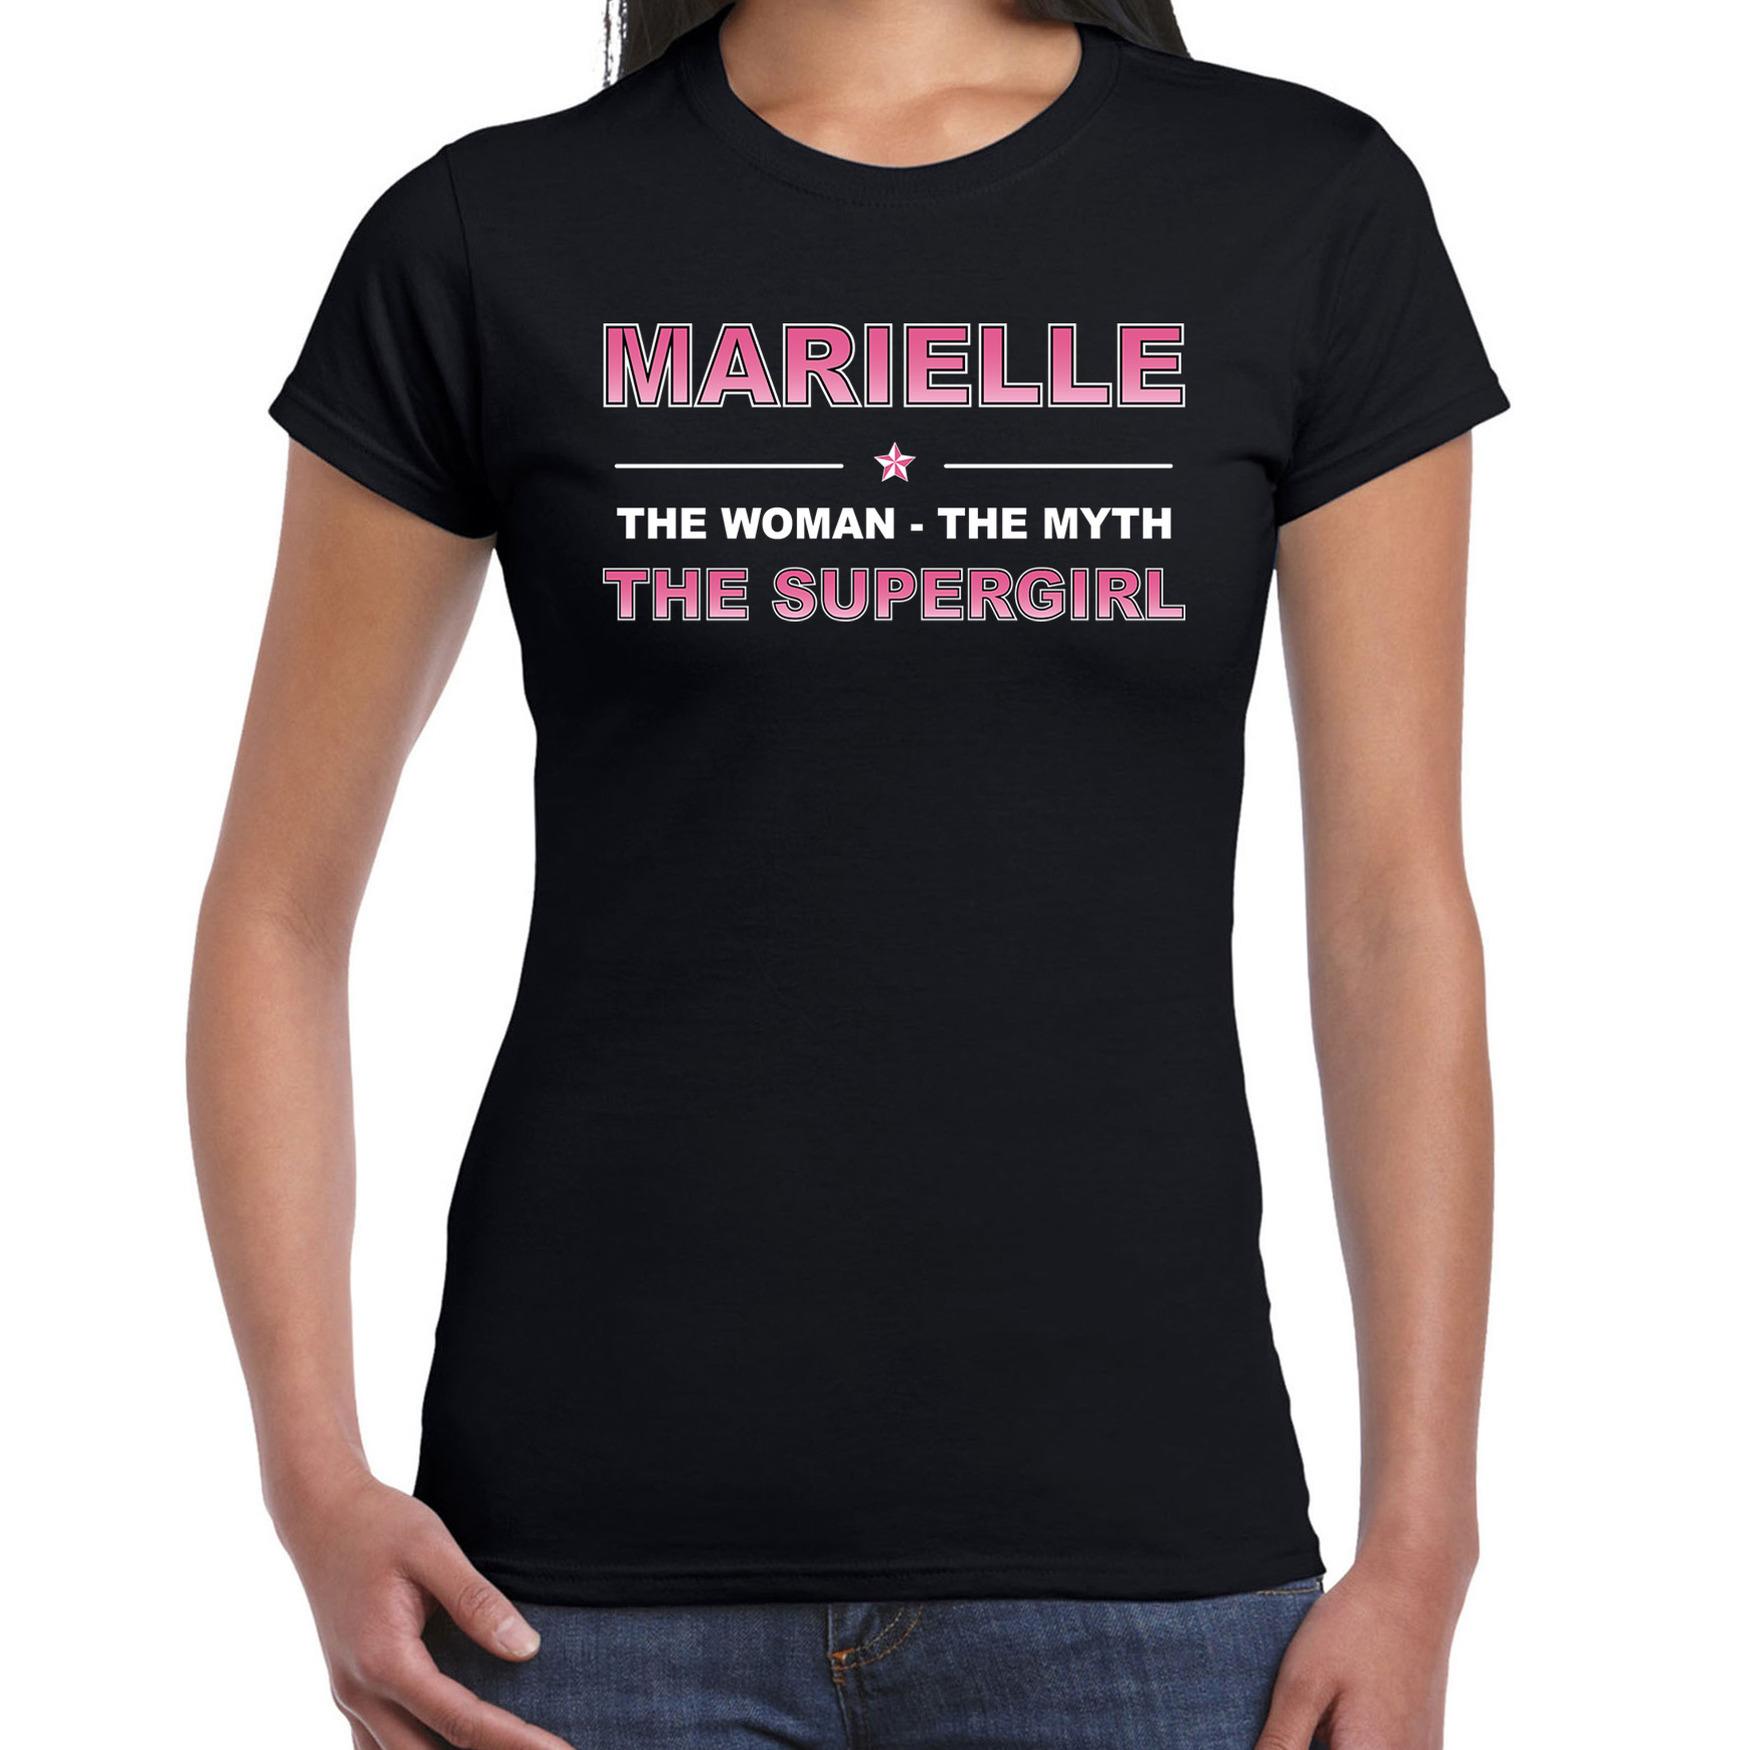 Naam cadeau t-shirt / shirt Marielle - the supergirl zwart voor dames